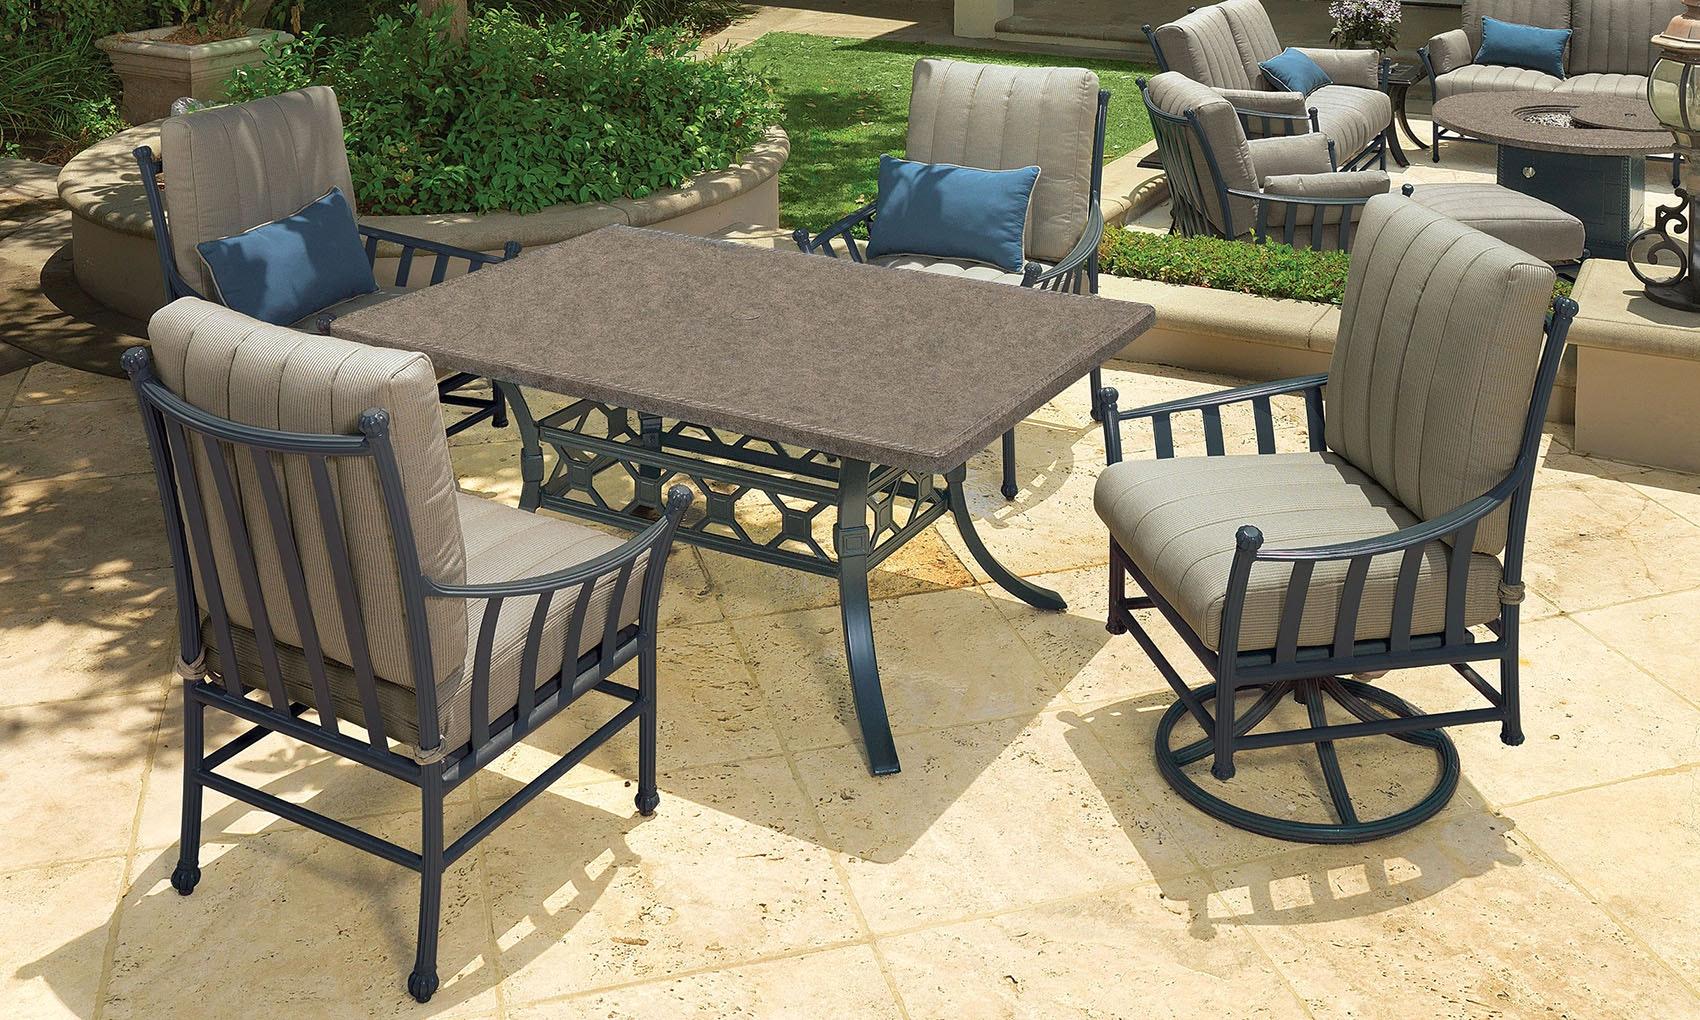 avanti-collection-cast-aluminum-the-great-escape-unbelievable-gensun-casual-patio-furniture-23.jpg